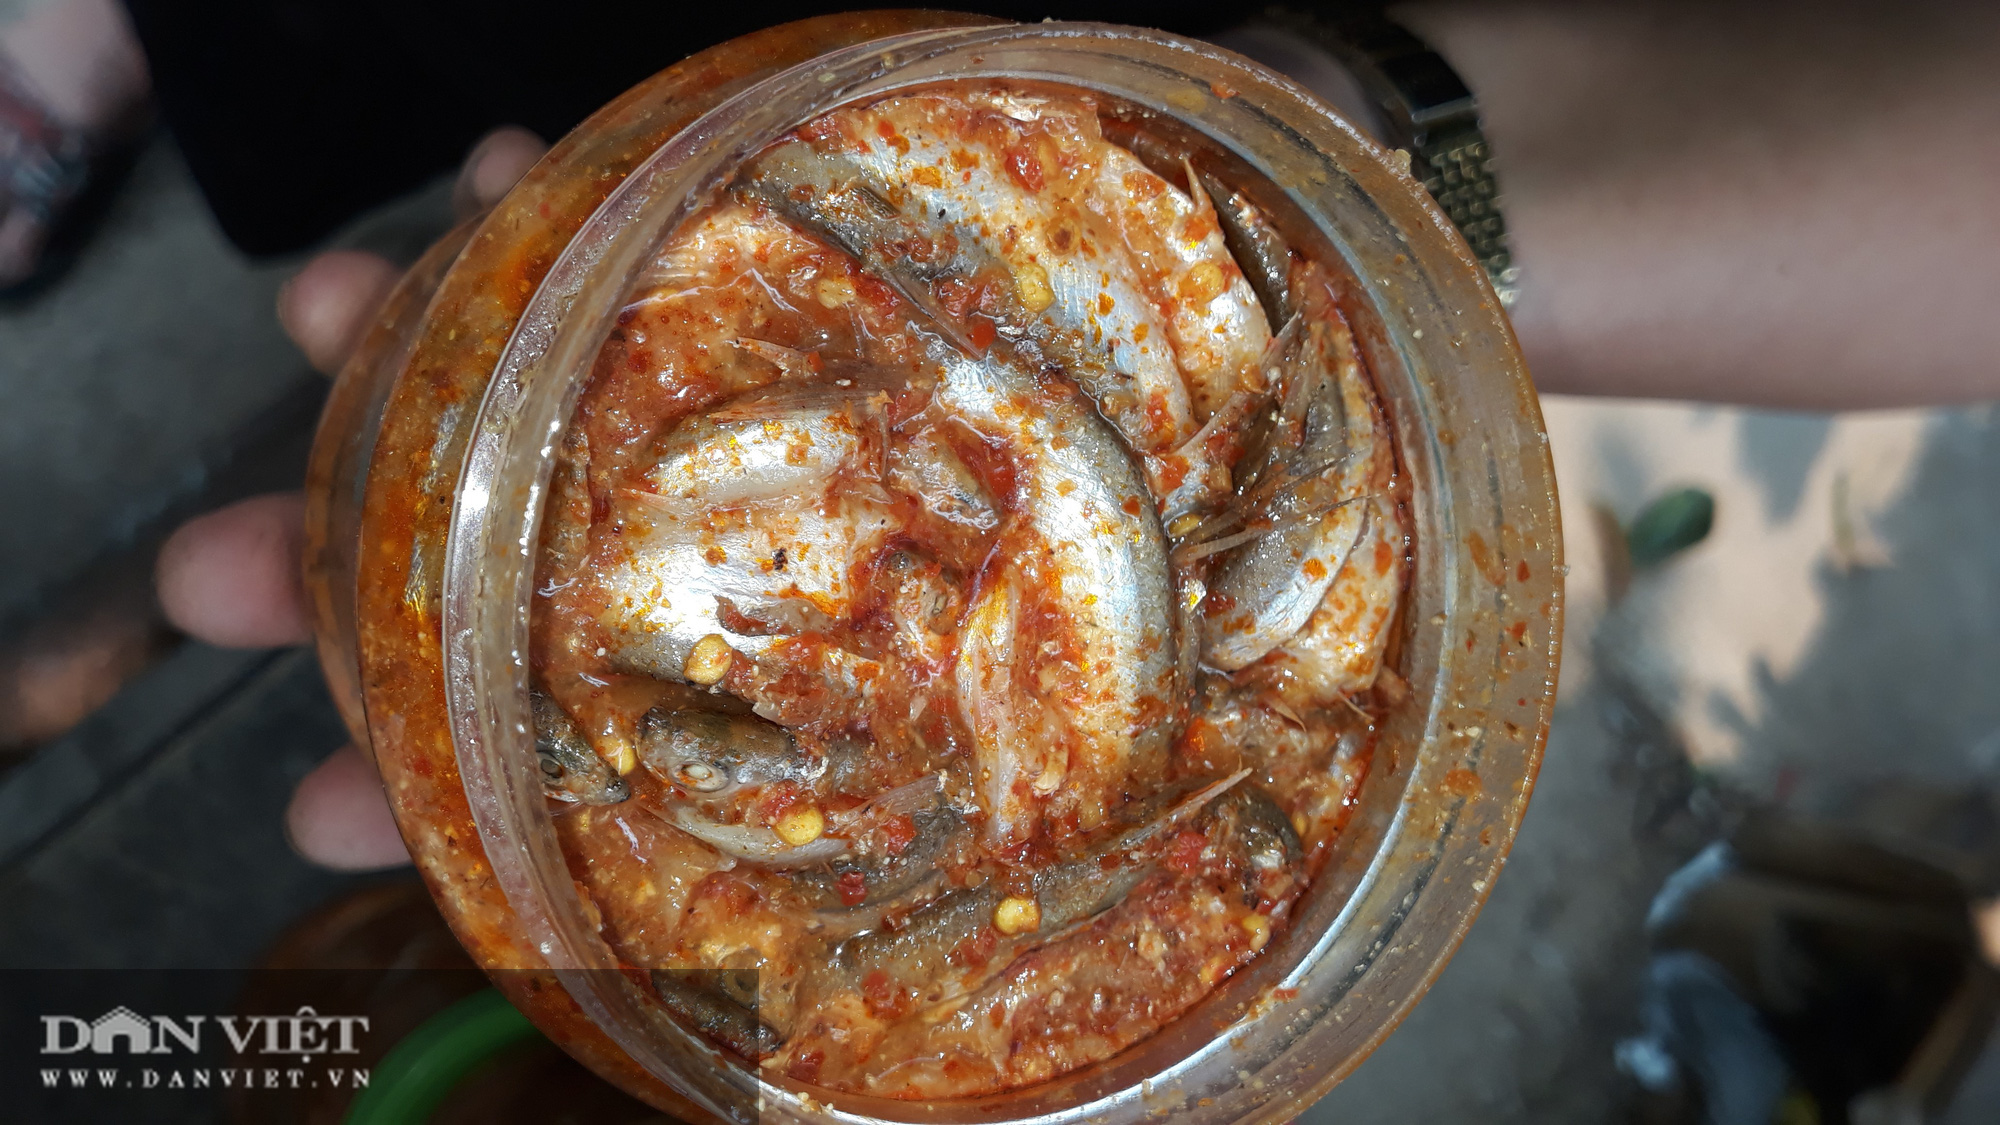 Cá chua Tạ Bú, món ngon của người Thái khiến thực khách ăn vào nhớ mãi - Ảnh 3.